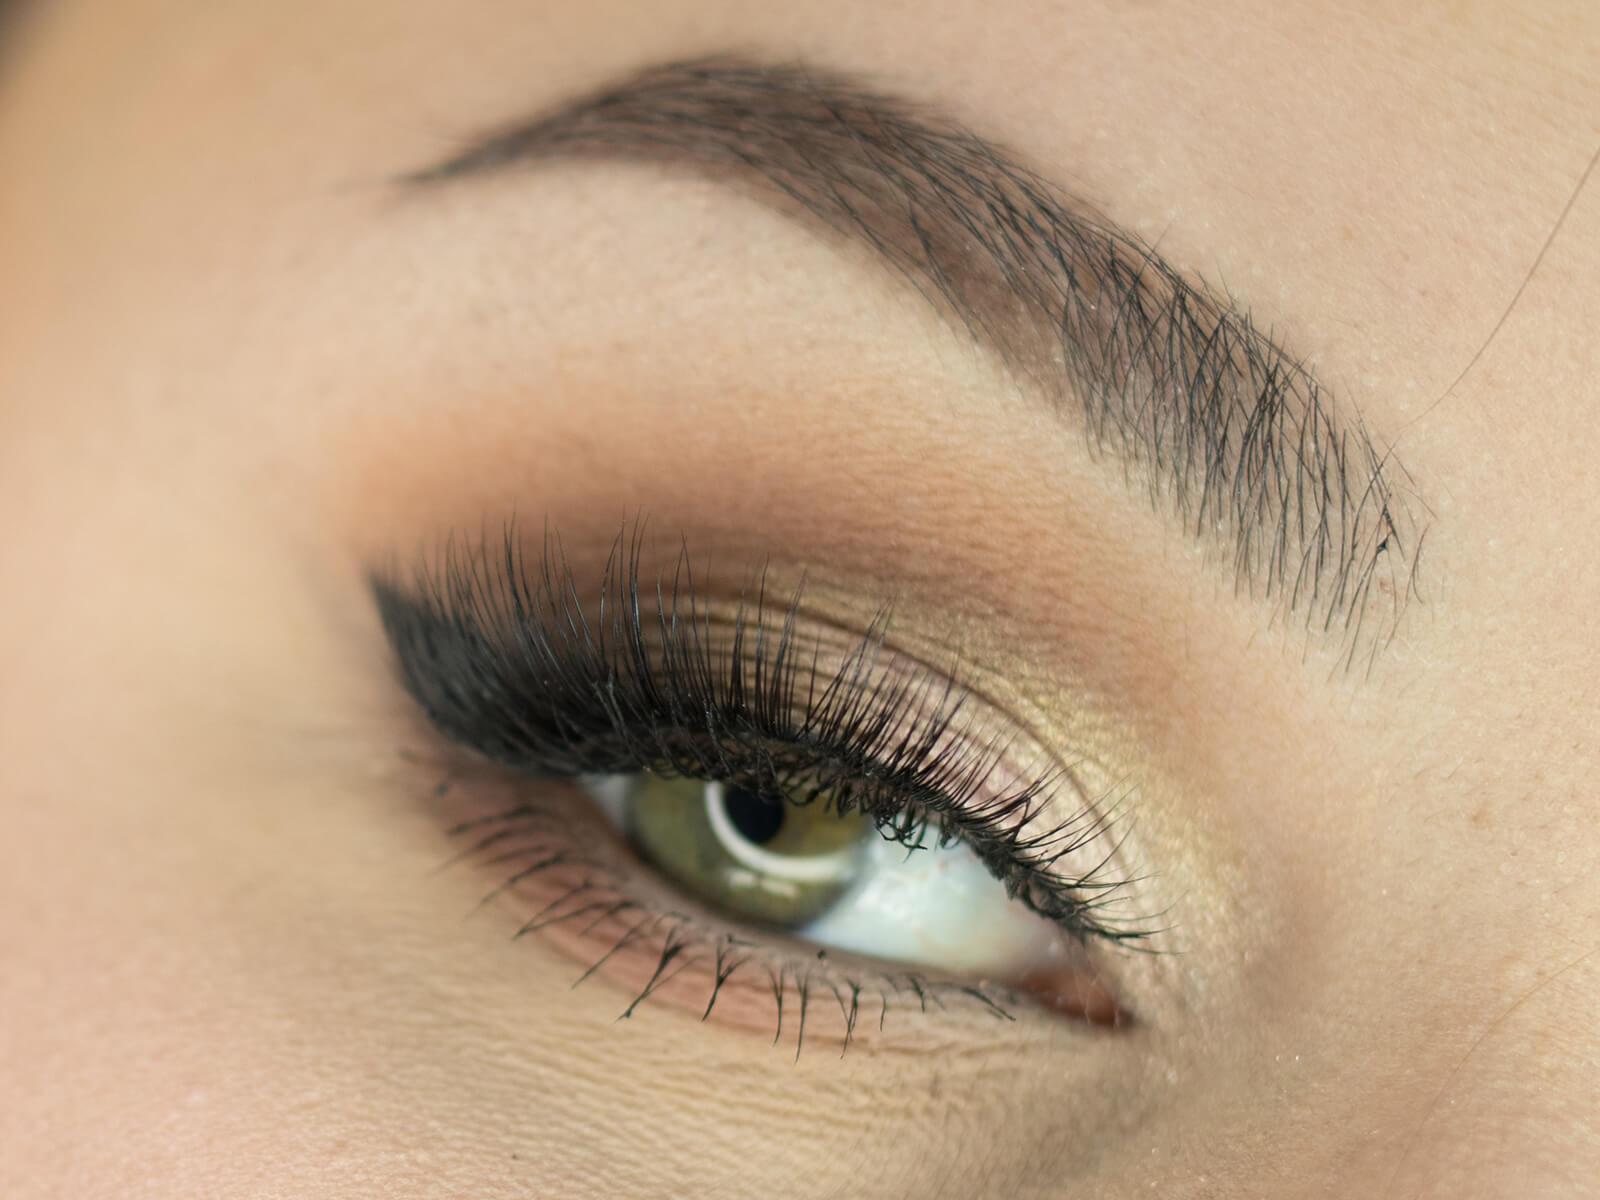 jak zrobić idealne zdjęcie makijażu